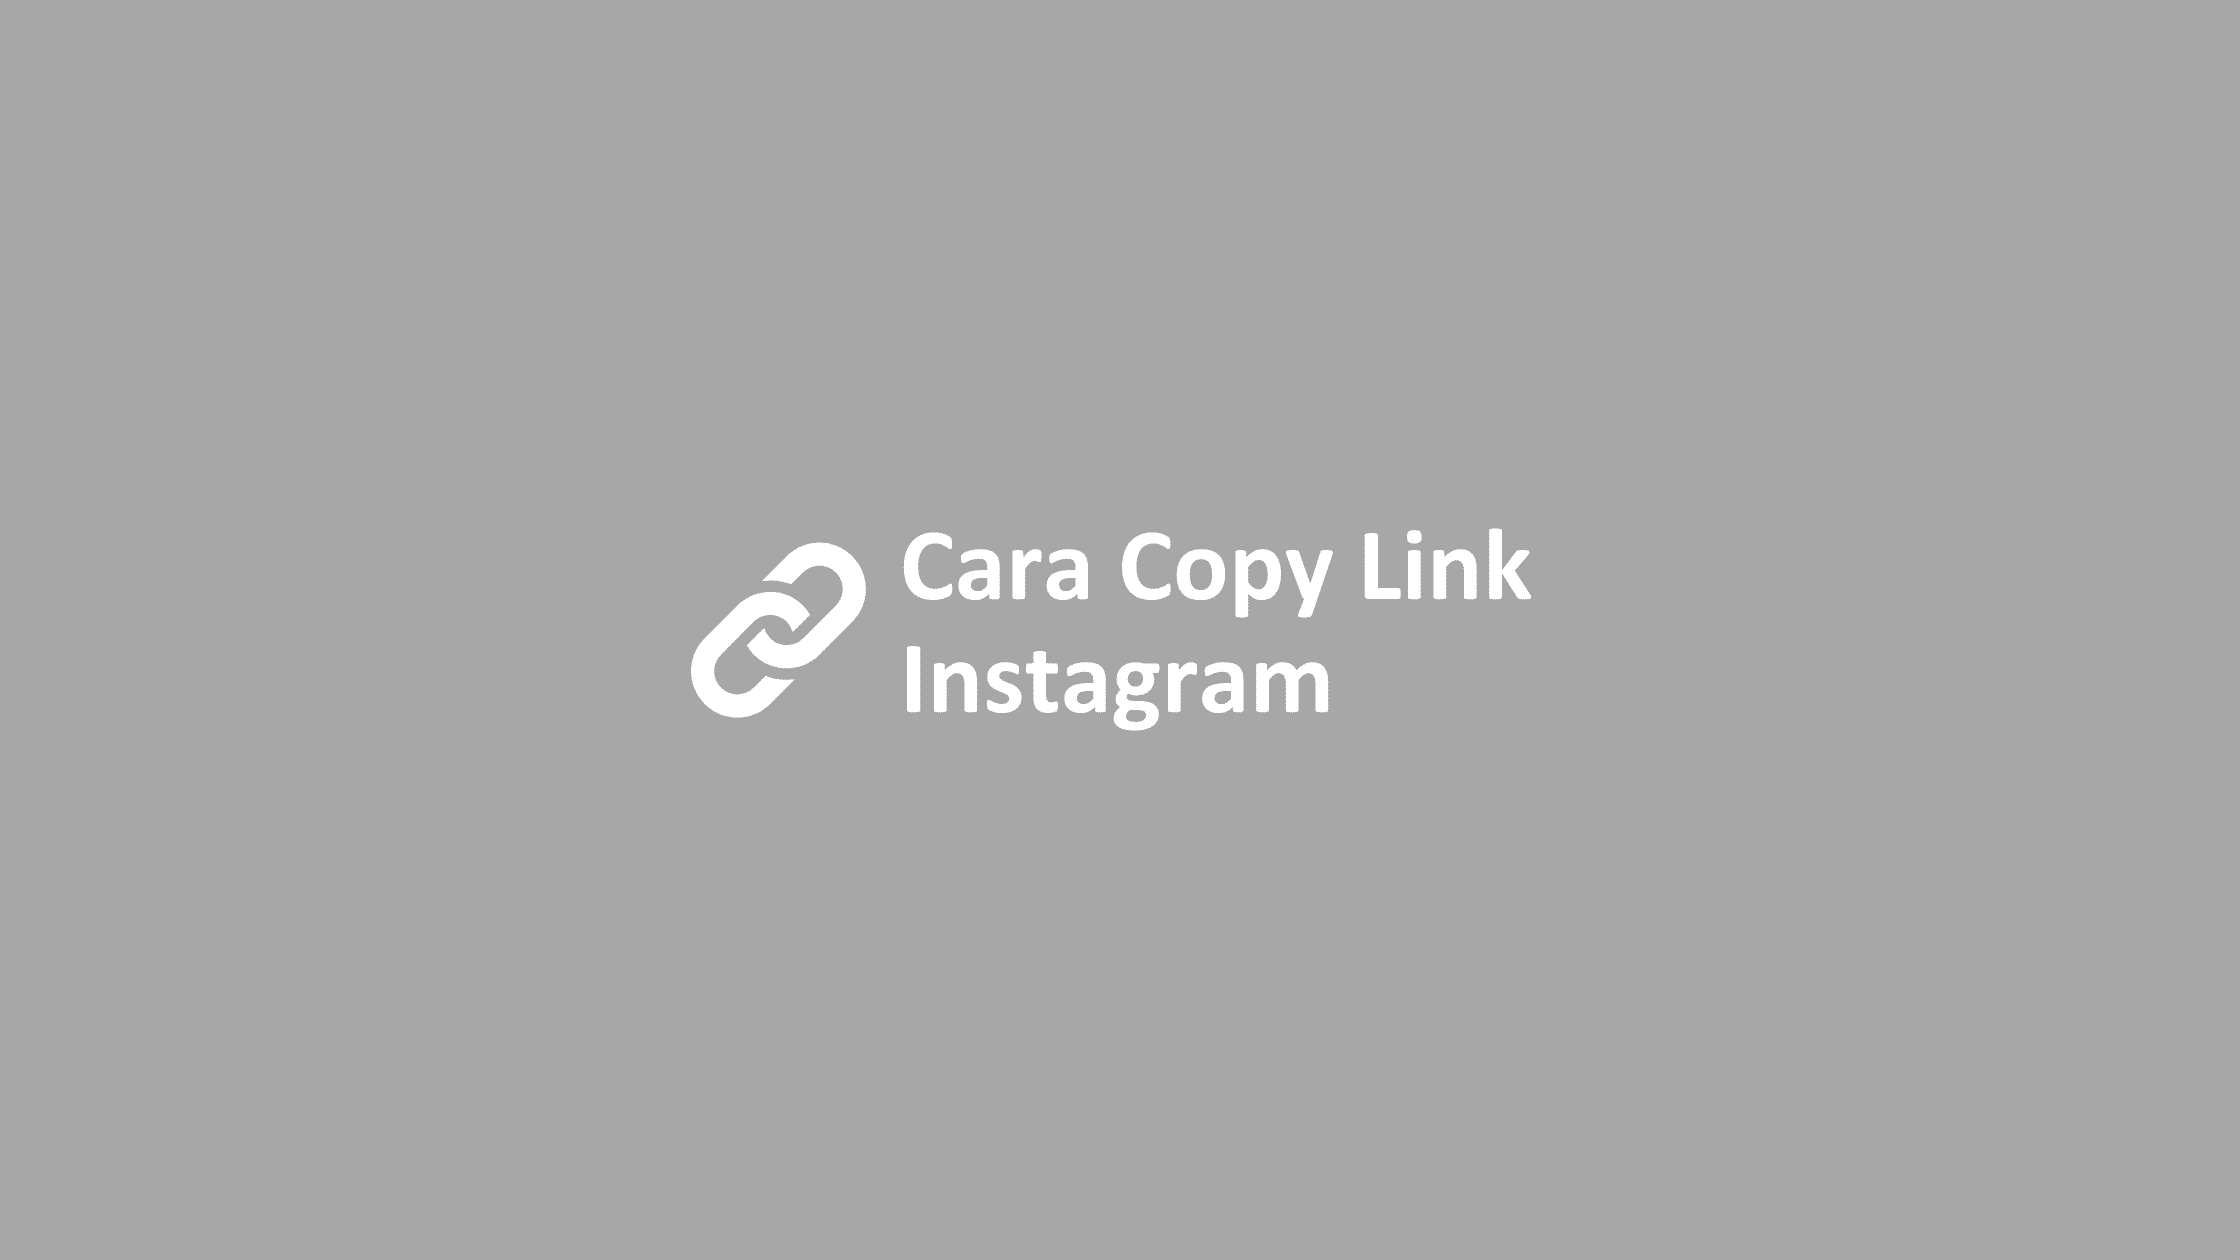 cara copy link instagram